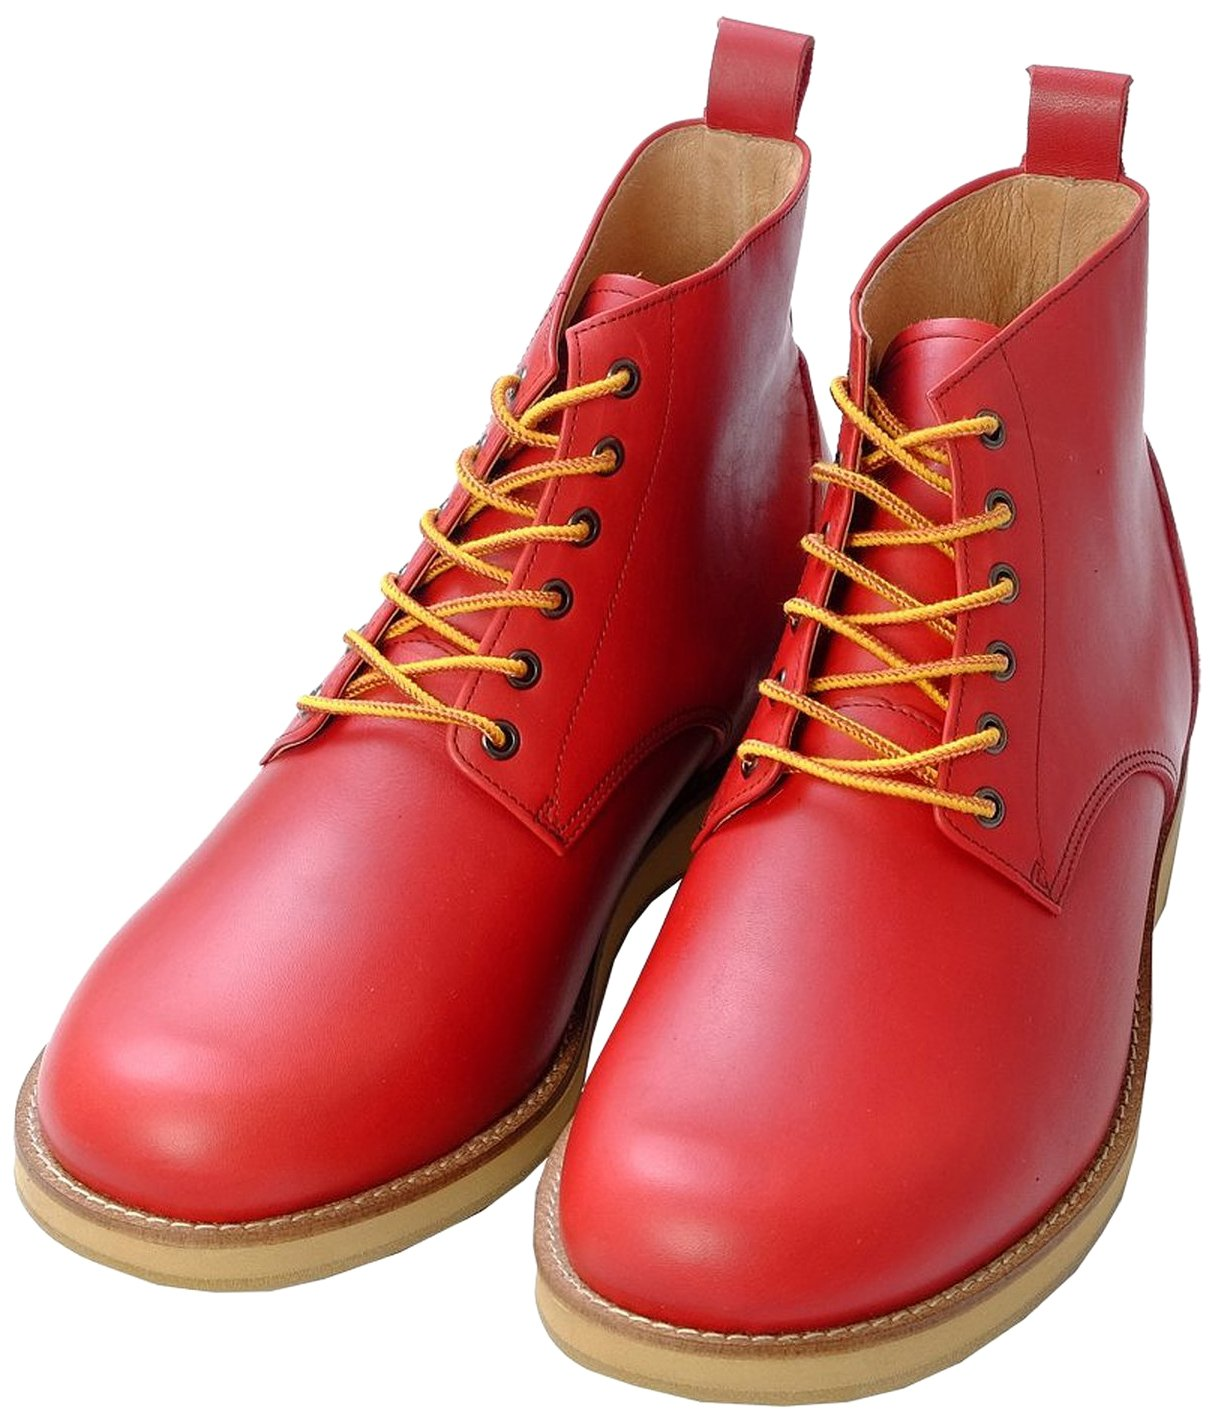 (北嶋制鞋工业所) KITAJIMA 5.5cmUP真皮增高靴 牛皮工作靴〈平面〉『脚长款上装鞋』山地靴*563(男鞋子 男鞋 国产 日本制造 牛皮 工作靴 4E 宽松)